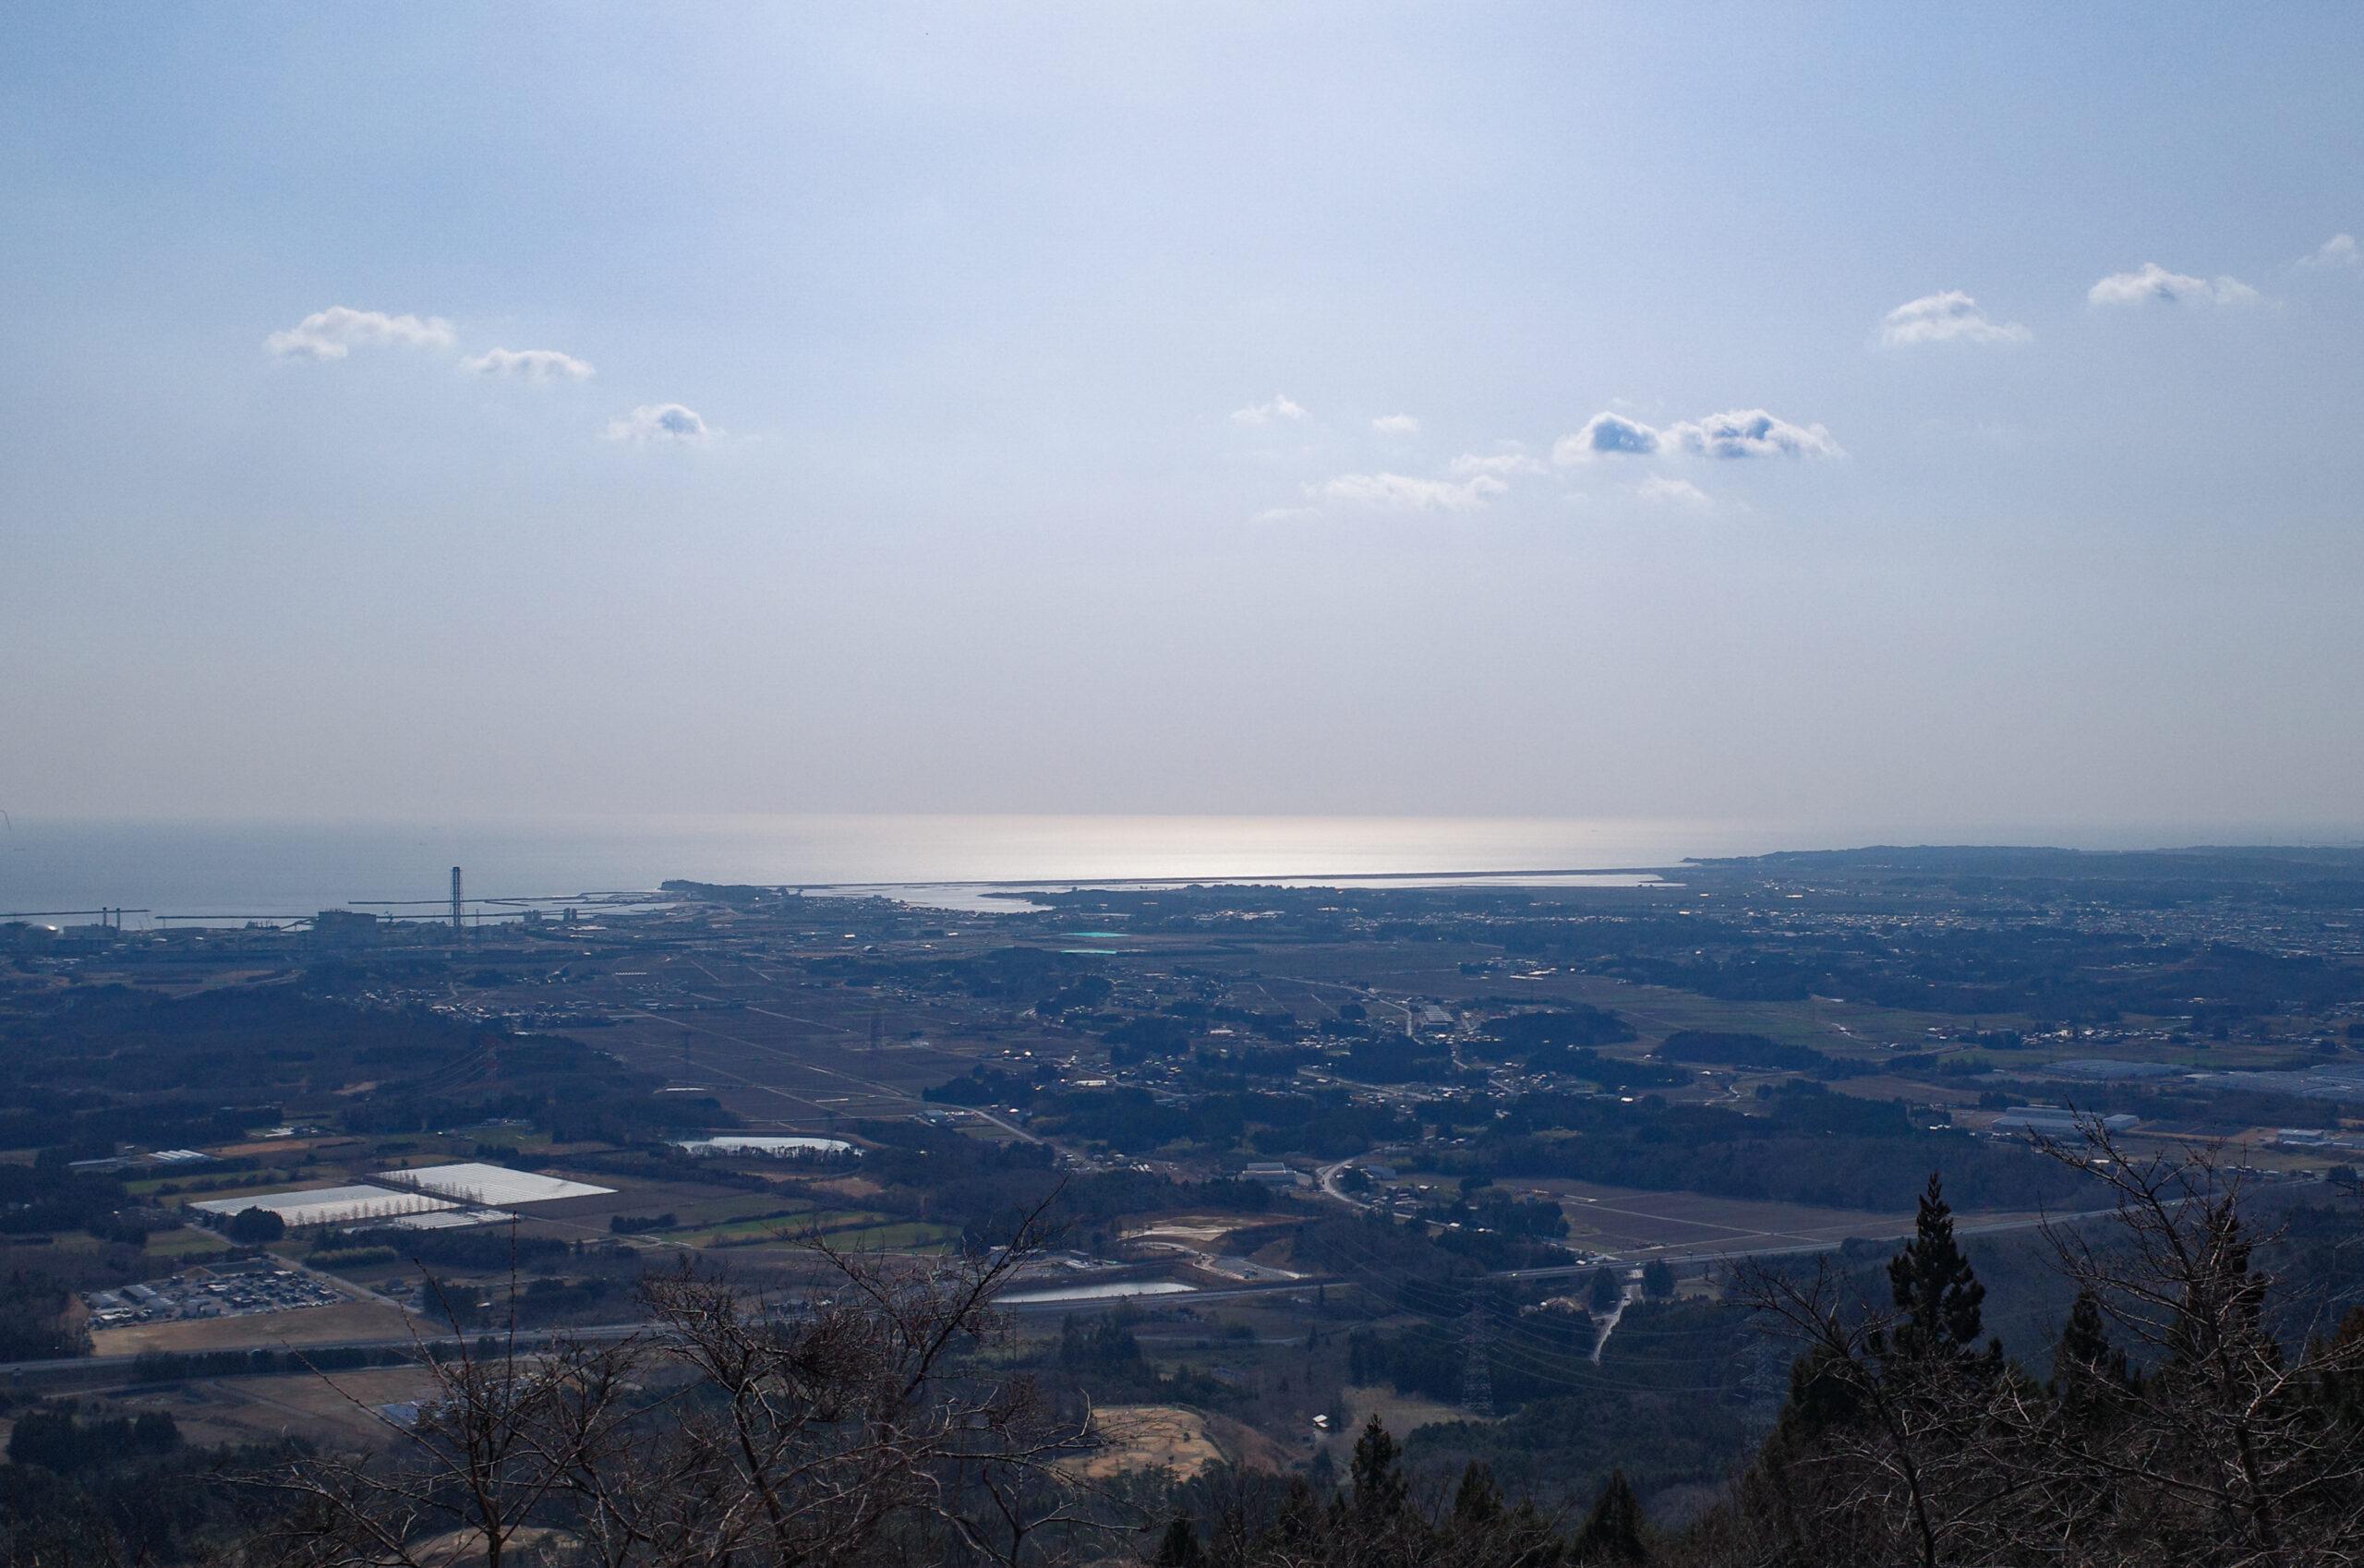 鹿狼山から松川浦を望む